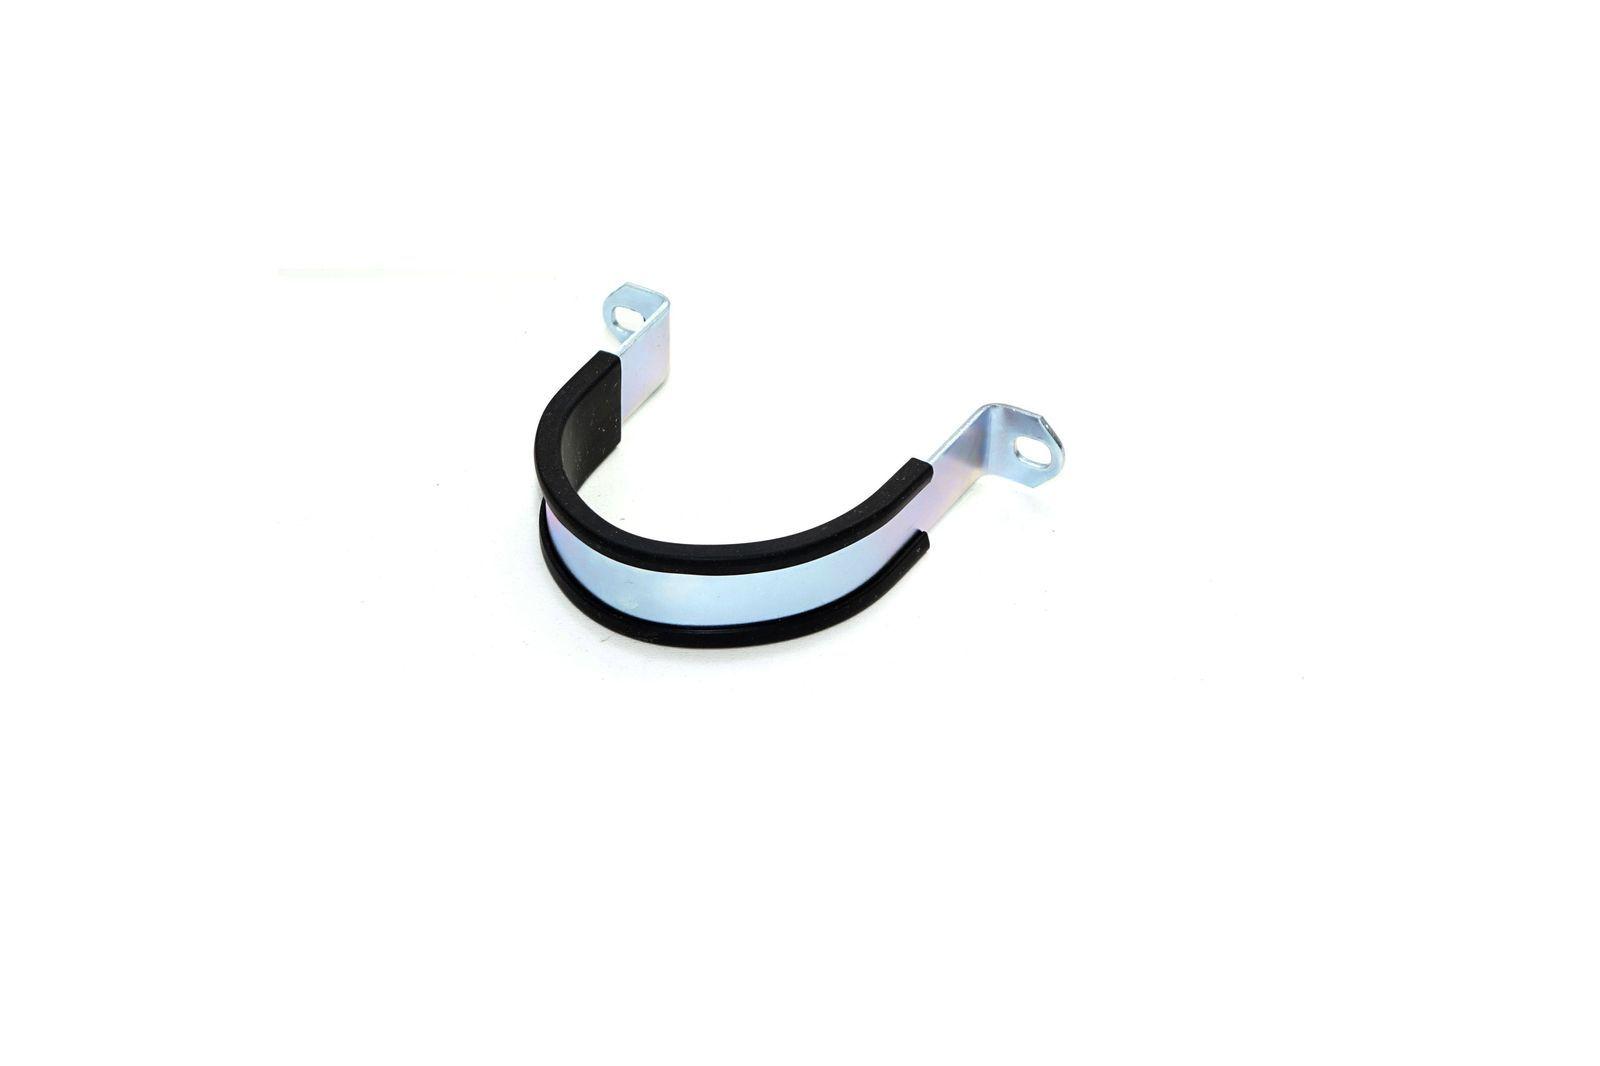 #Befestigungsbügel und Gummi Wischermotor Mini, BHA4790